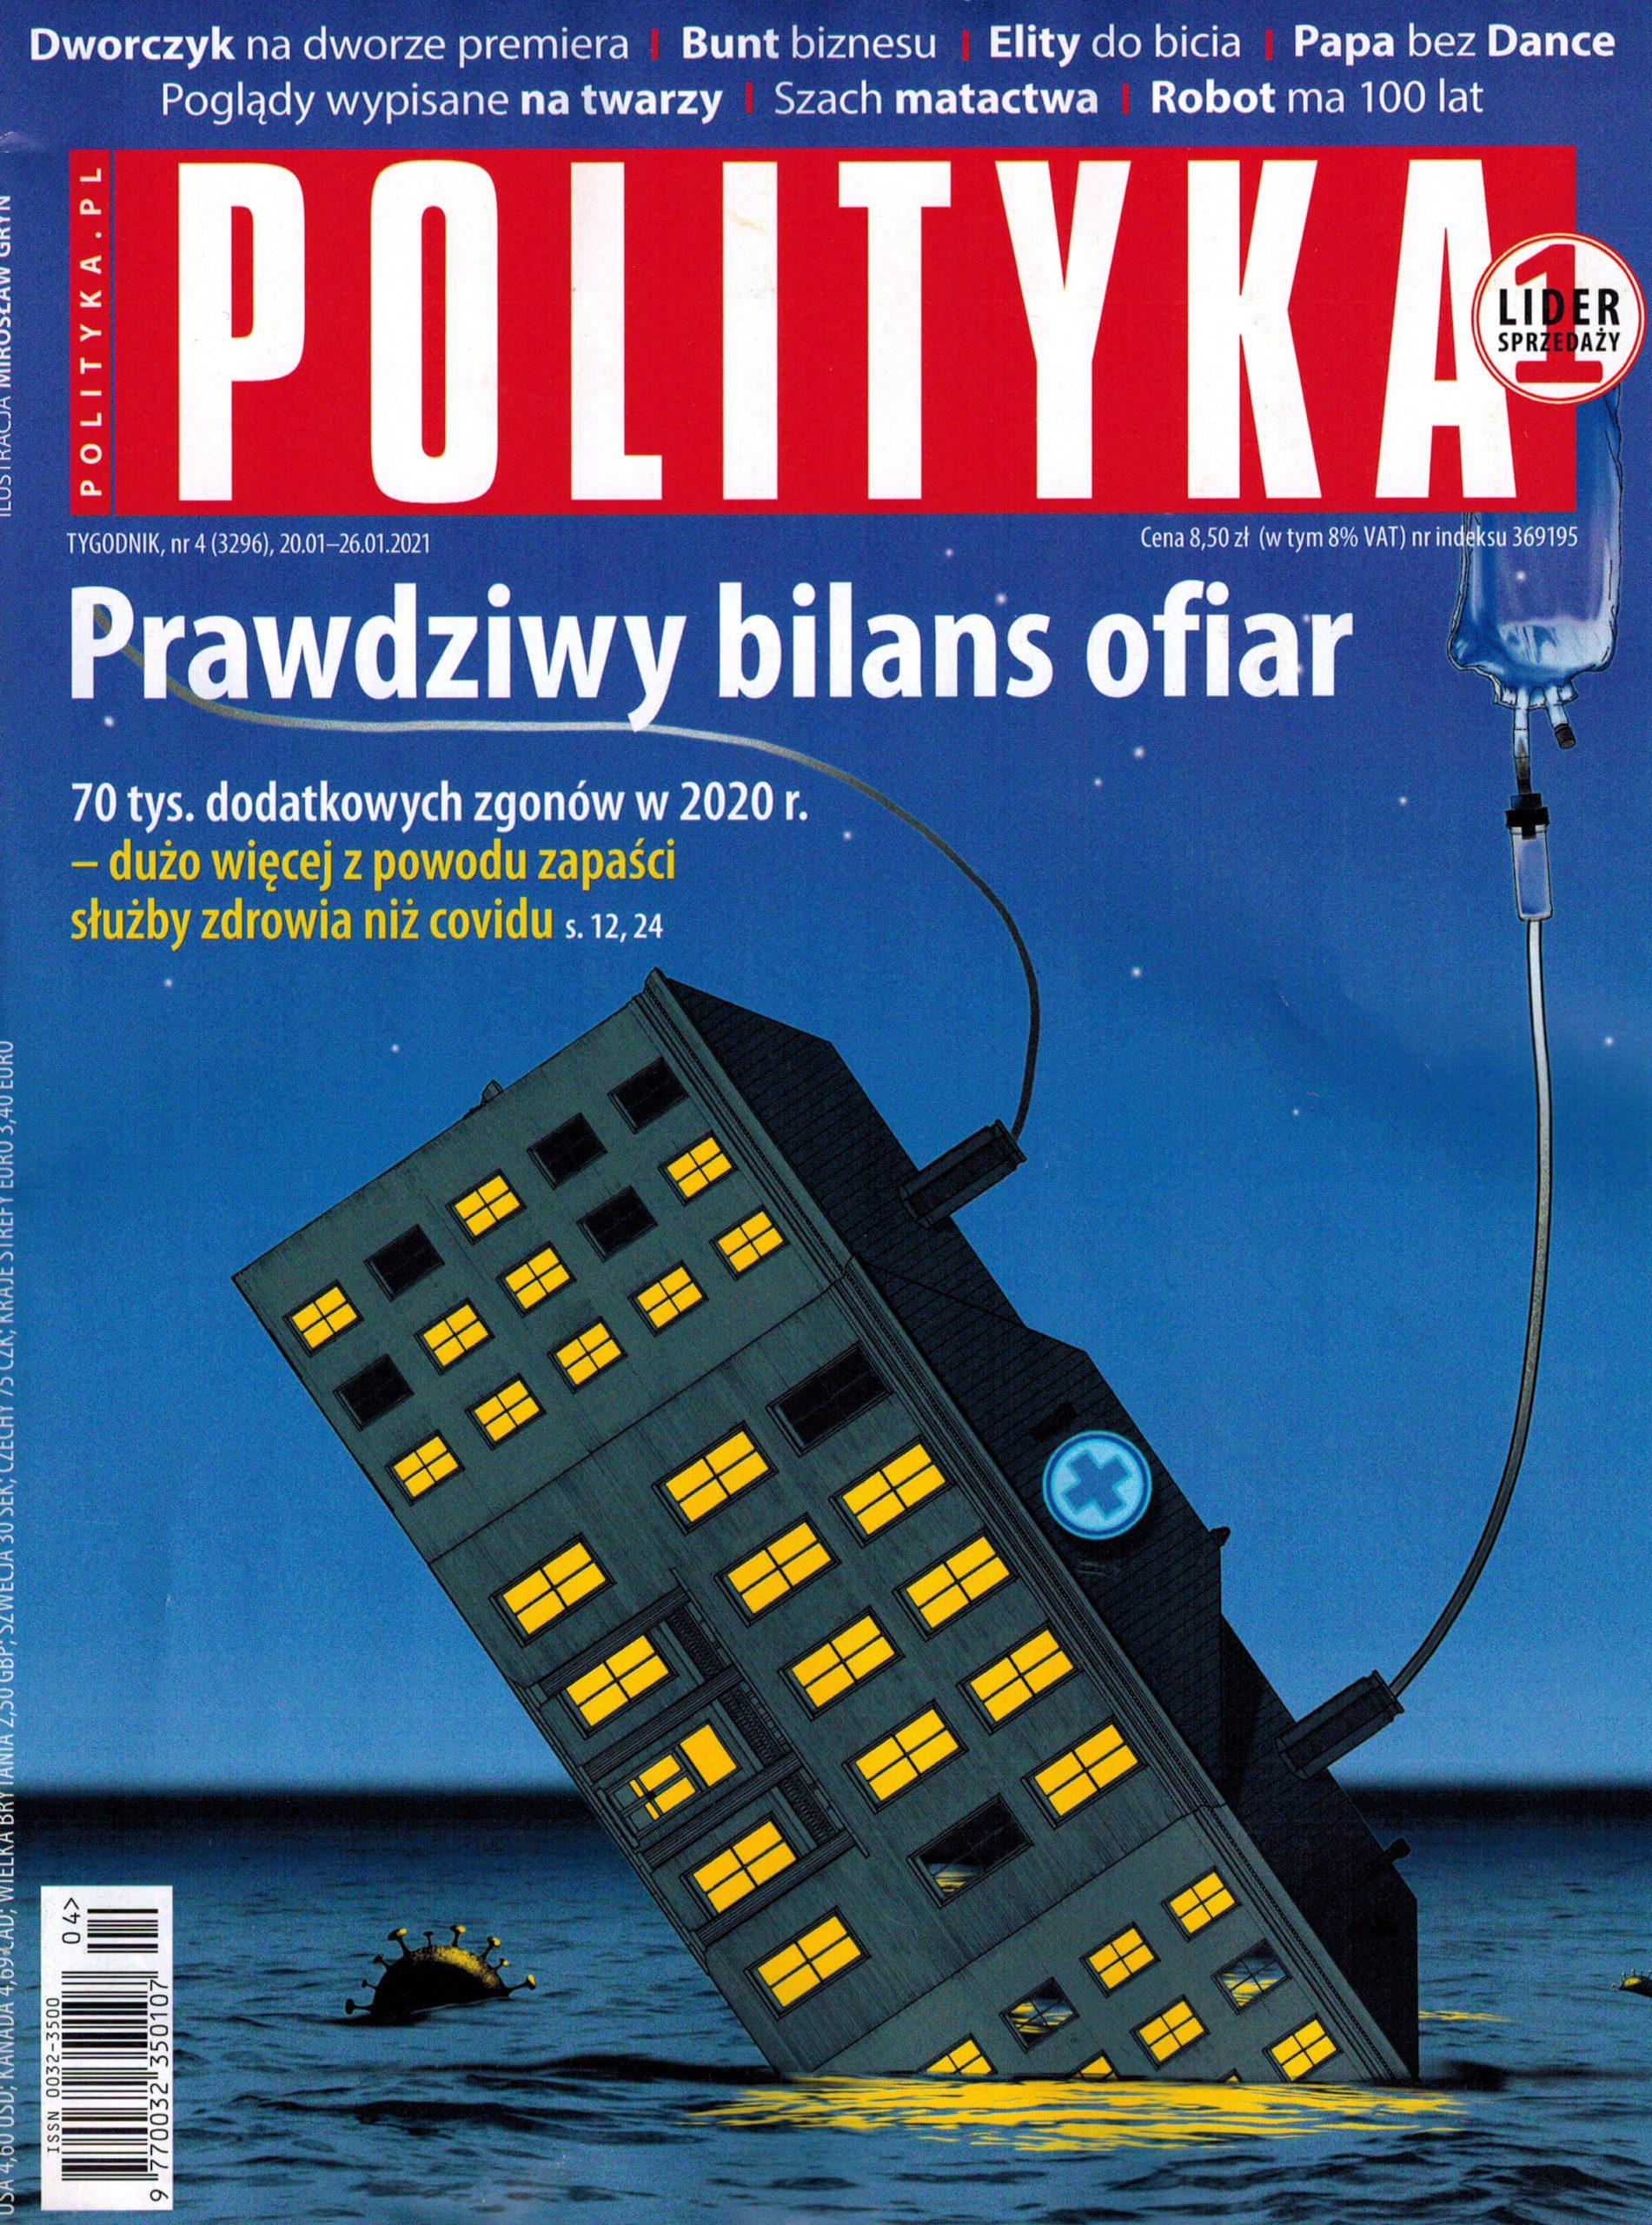 Polityka_22012021 (1)